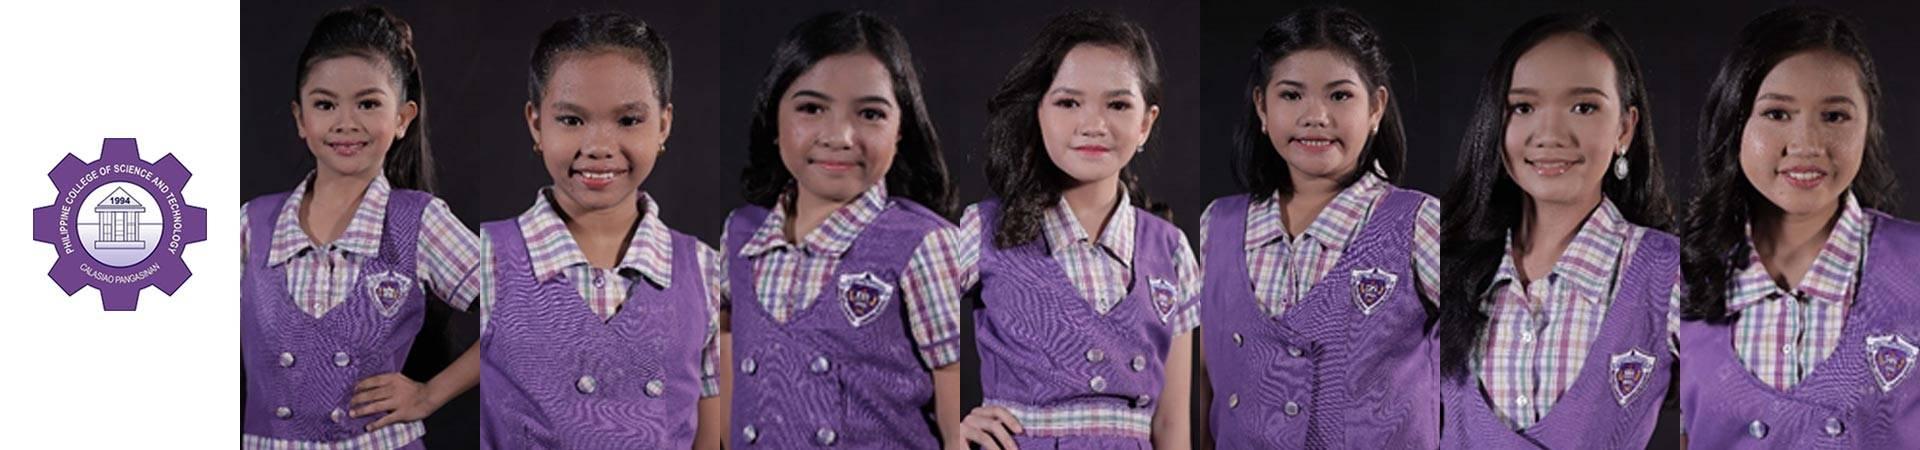 Miss MLLS 2020